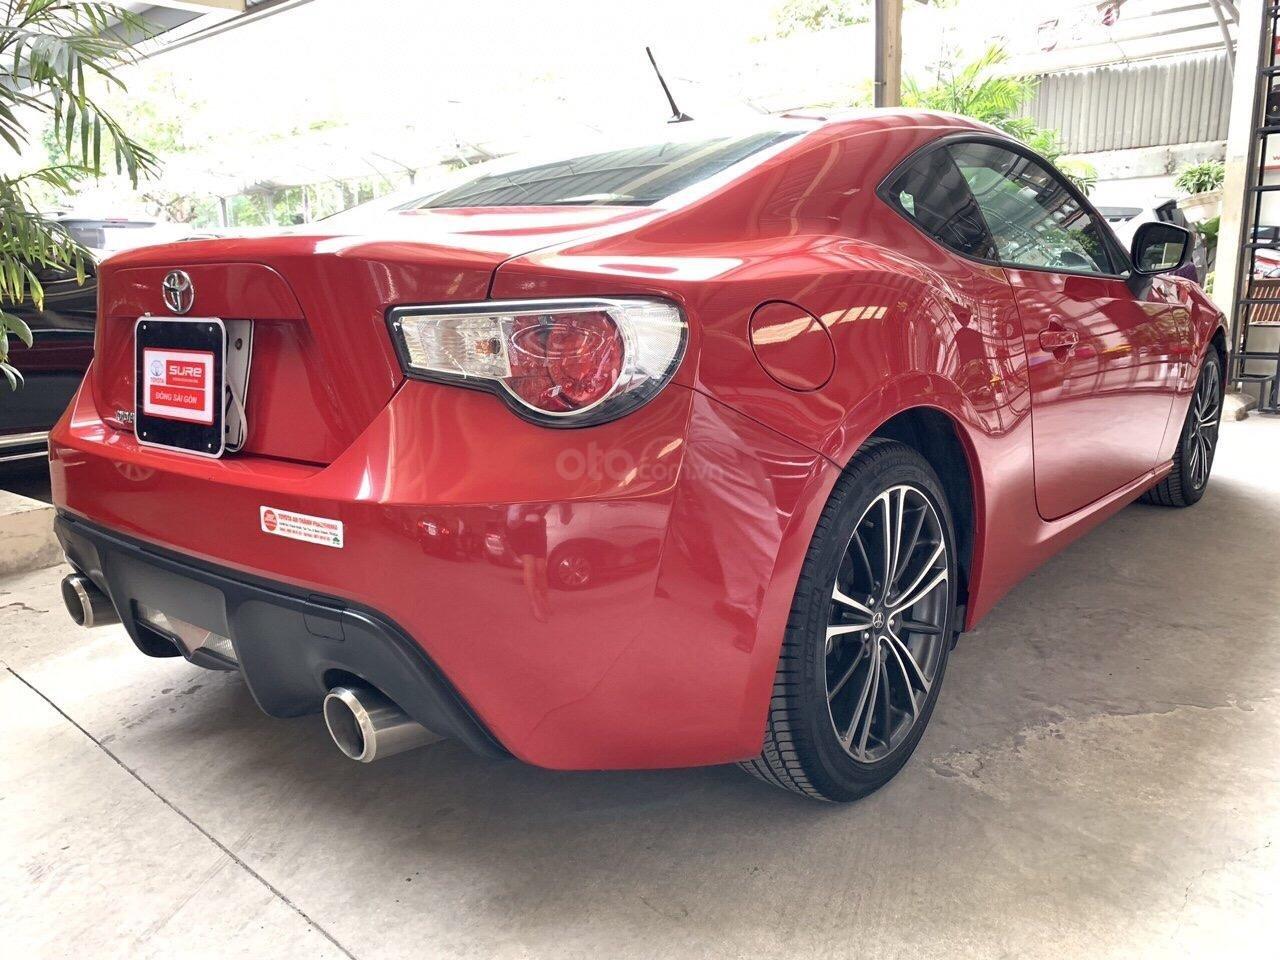 Bán Toyota FT86 Sport 2012 đăng ký 2015, xe nhập hãng Toyota, mẫu xe thể thao hiếm trên thị trường, bảo hành chính hãng (7)